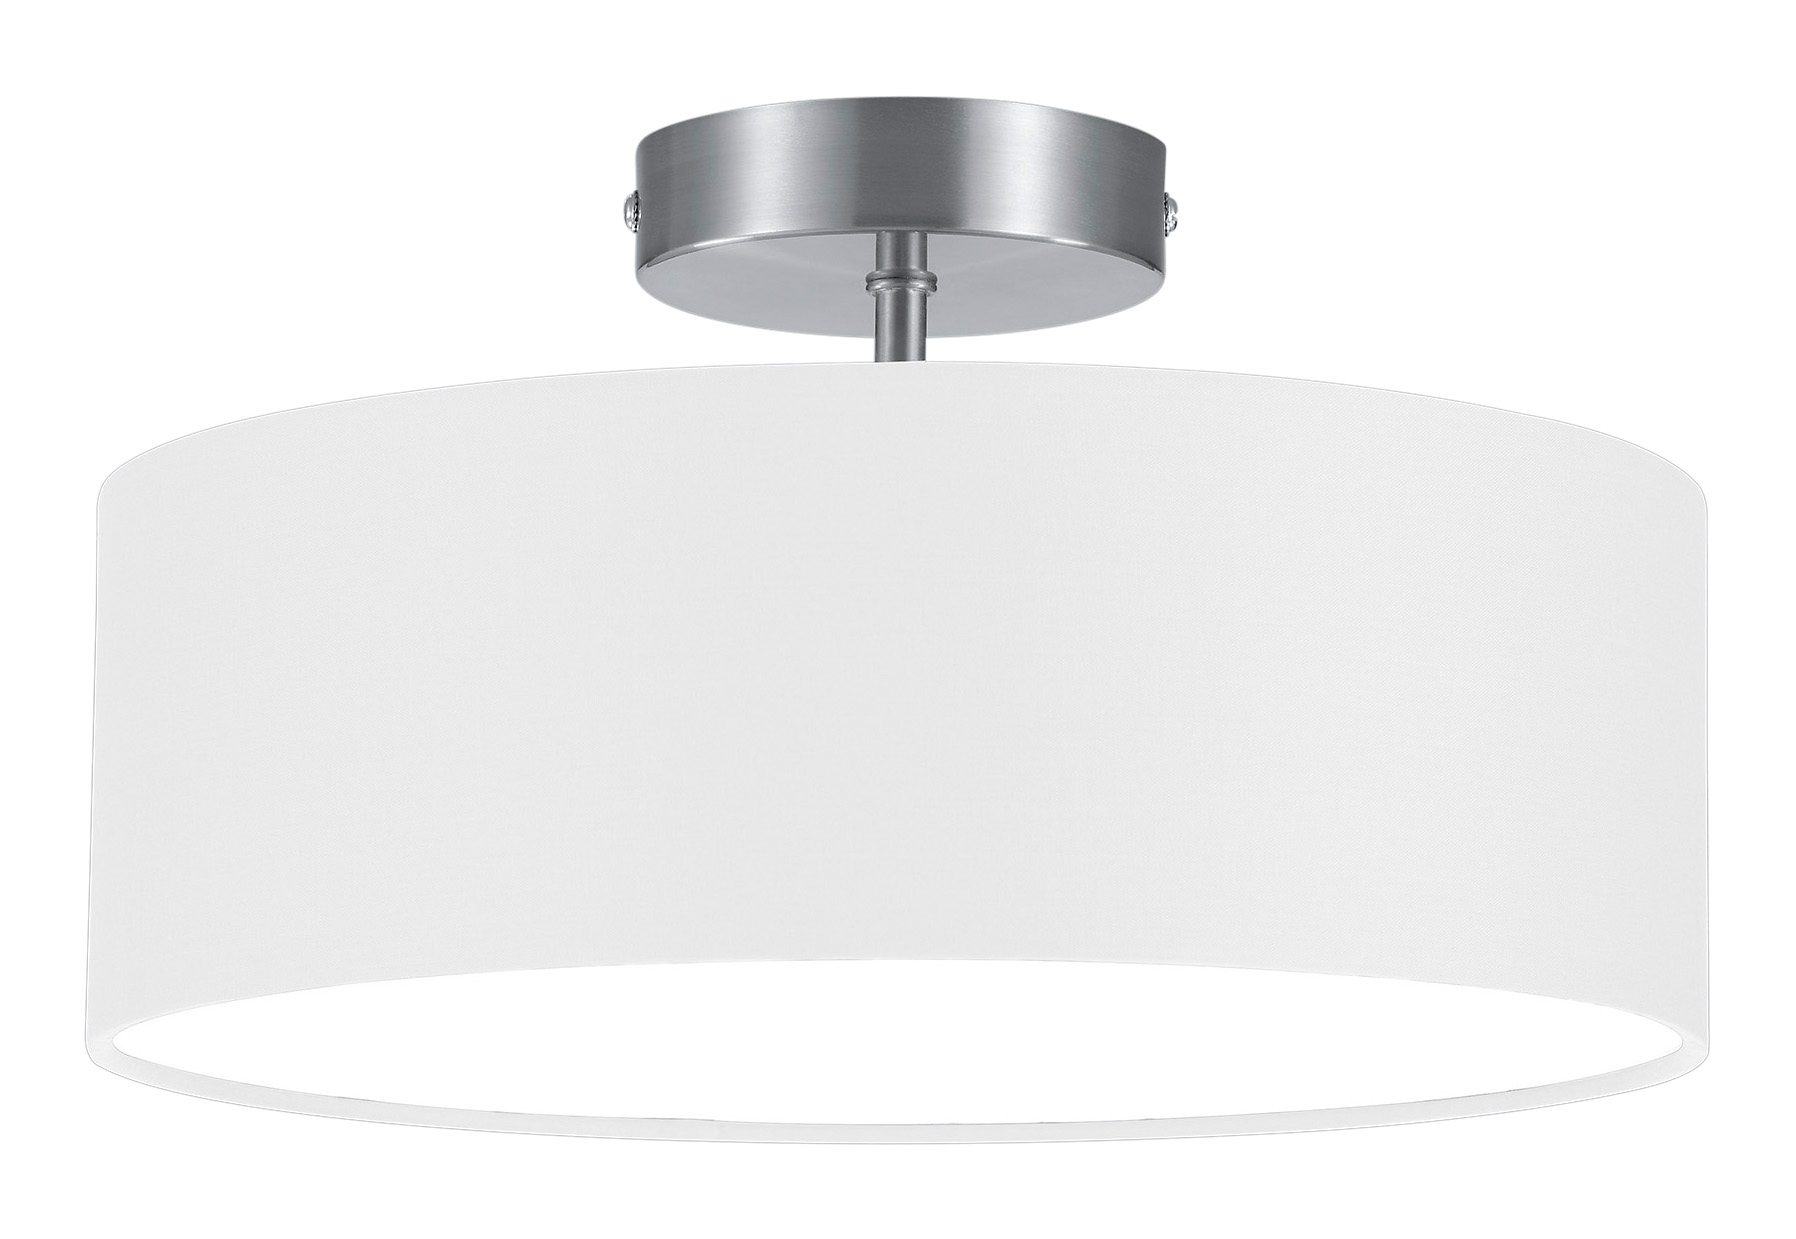 Wohnzimmerlampe Decke Modell : Wohnzimmerlampen wohnzimmerleuchten kaufen otto